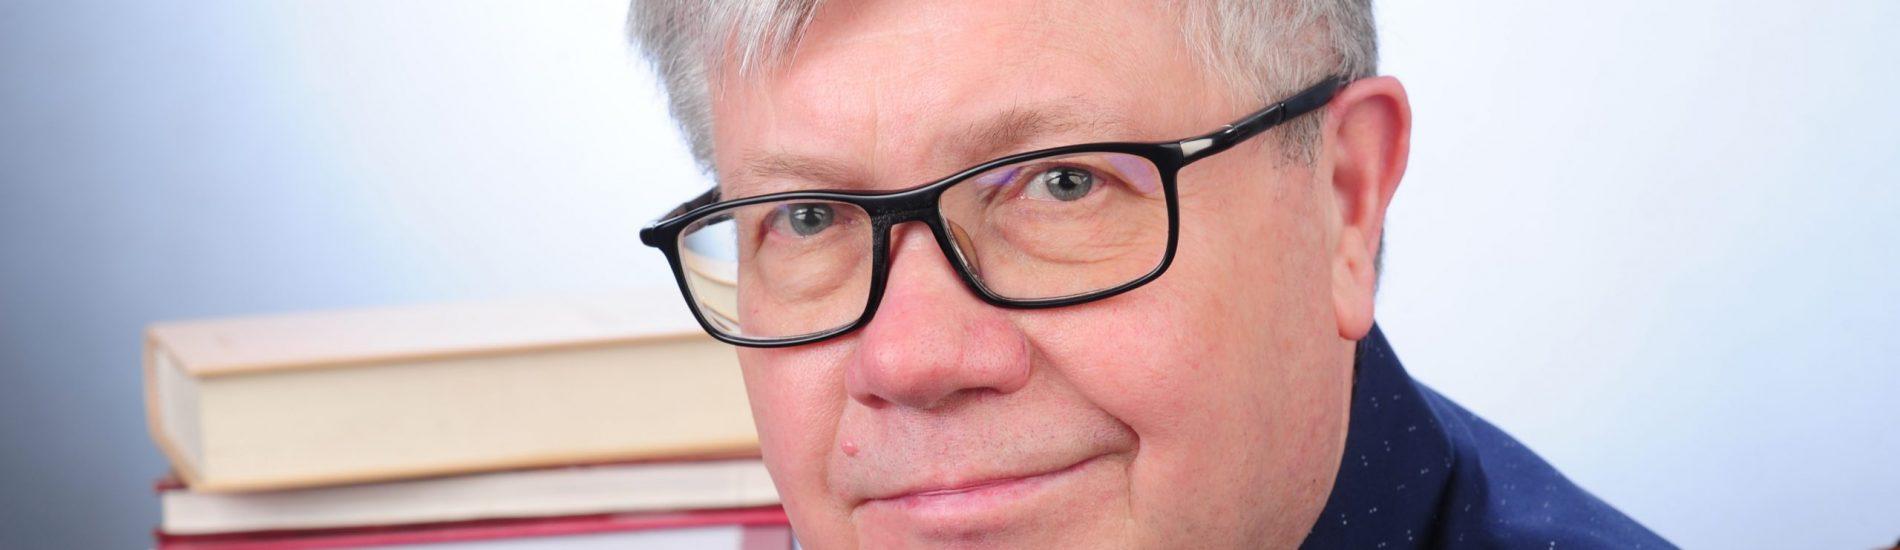 Najważniejsze jest stawianie pytań – rozmowa z ks. prof. Alfredem Wierzbickiem